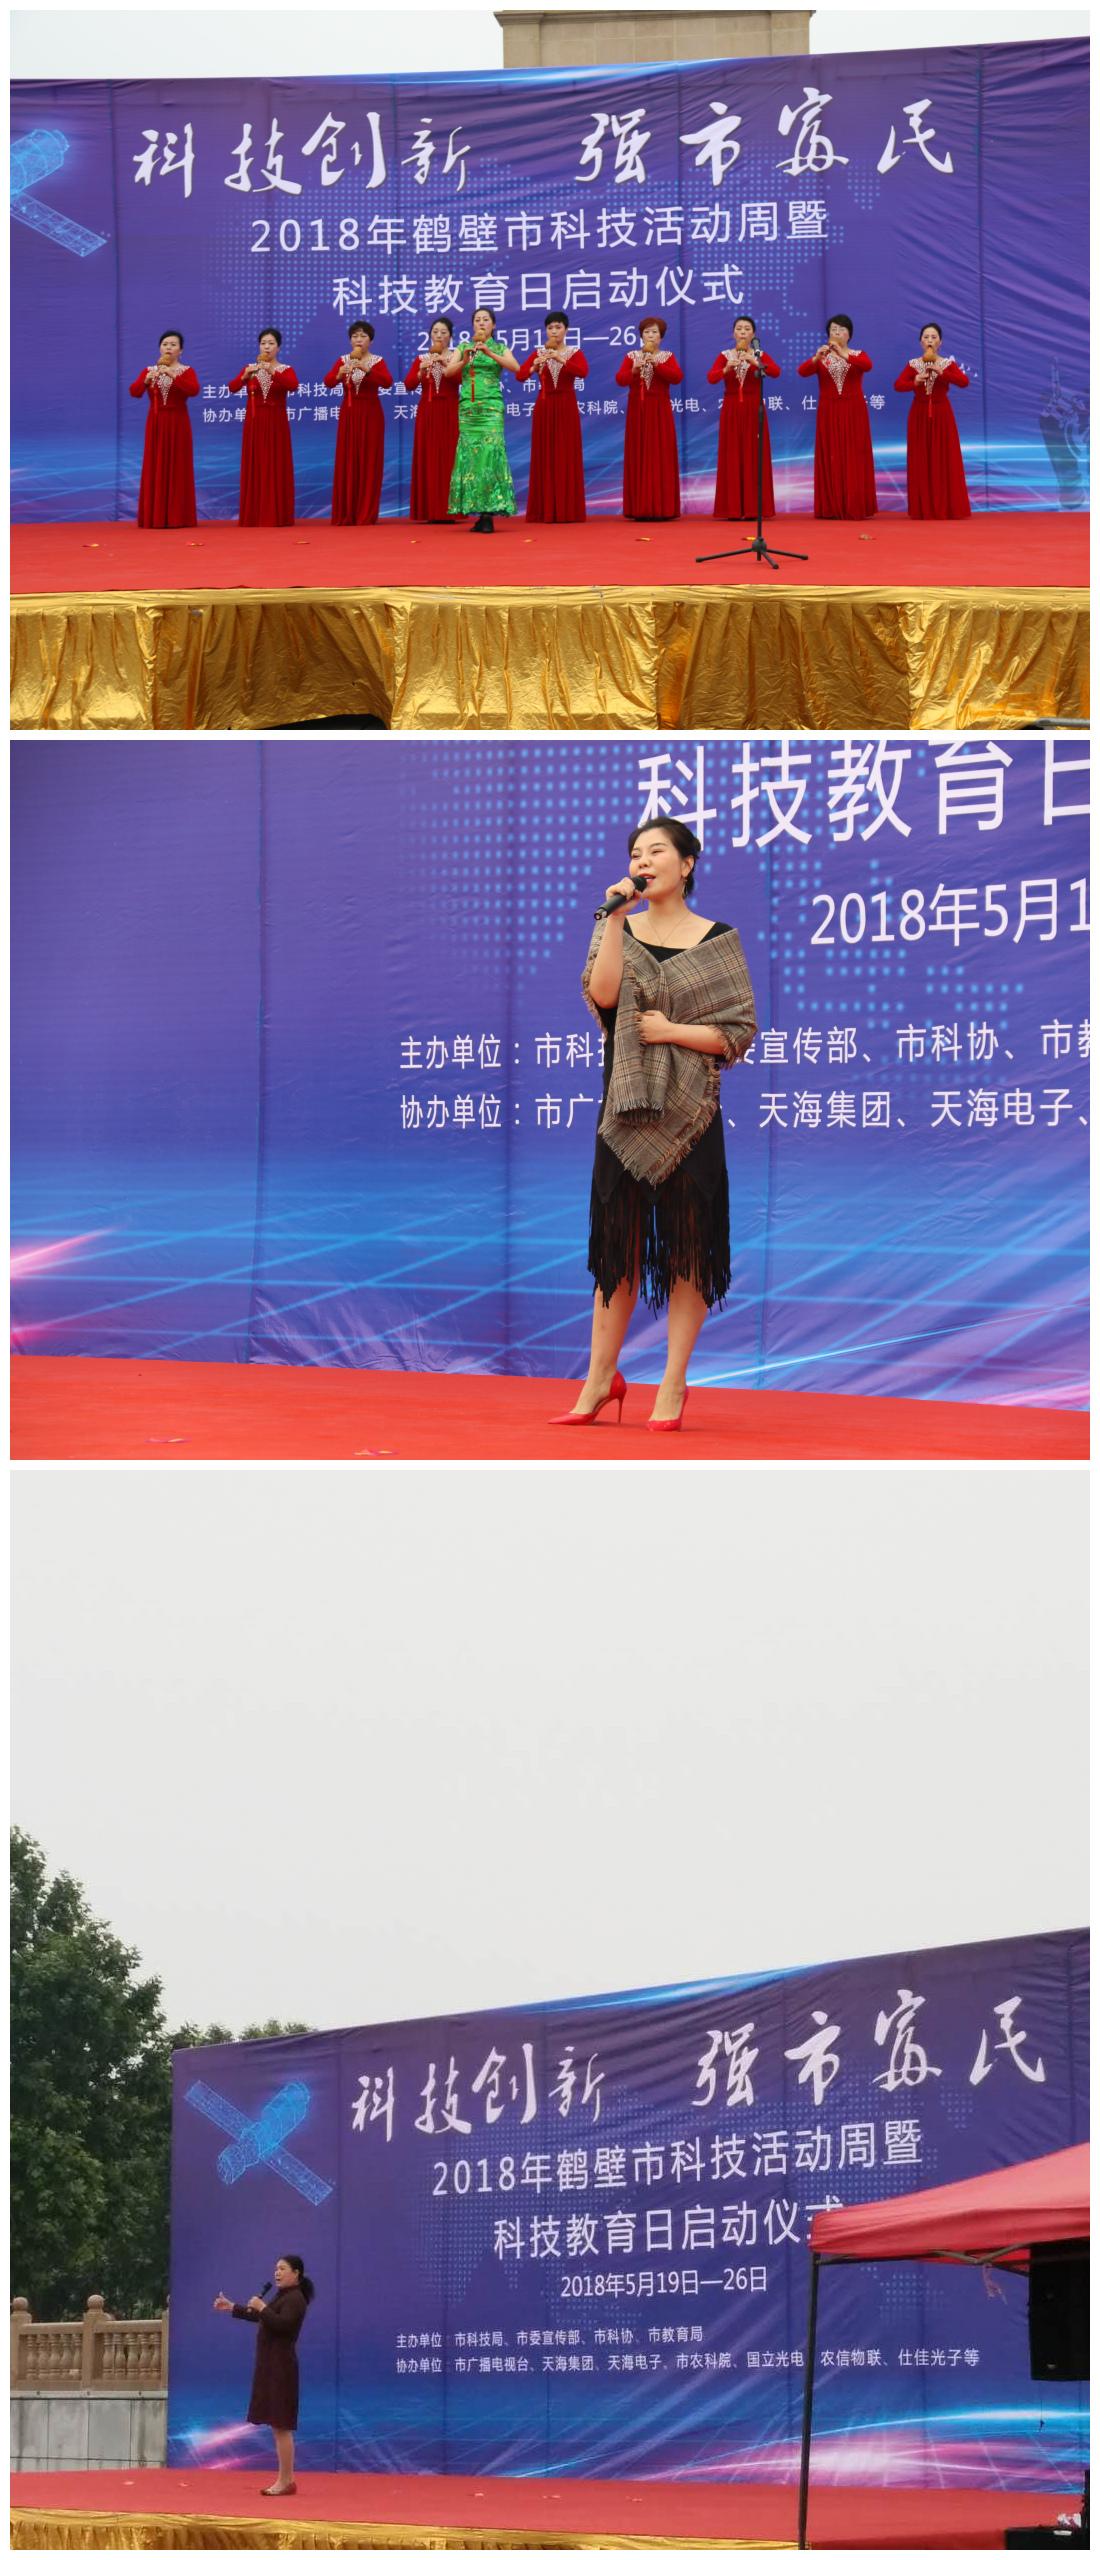 独唱《龙文》,戏曲《陈驸马休要性情急》,葫芦丝演奏《天边》.